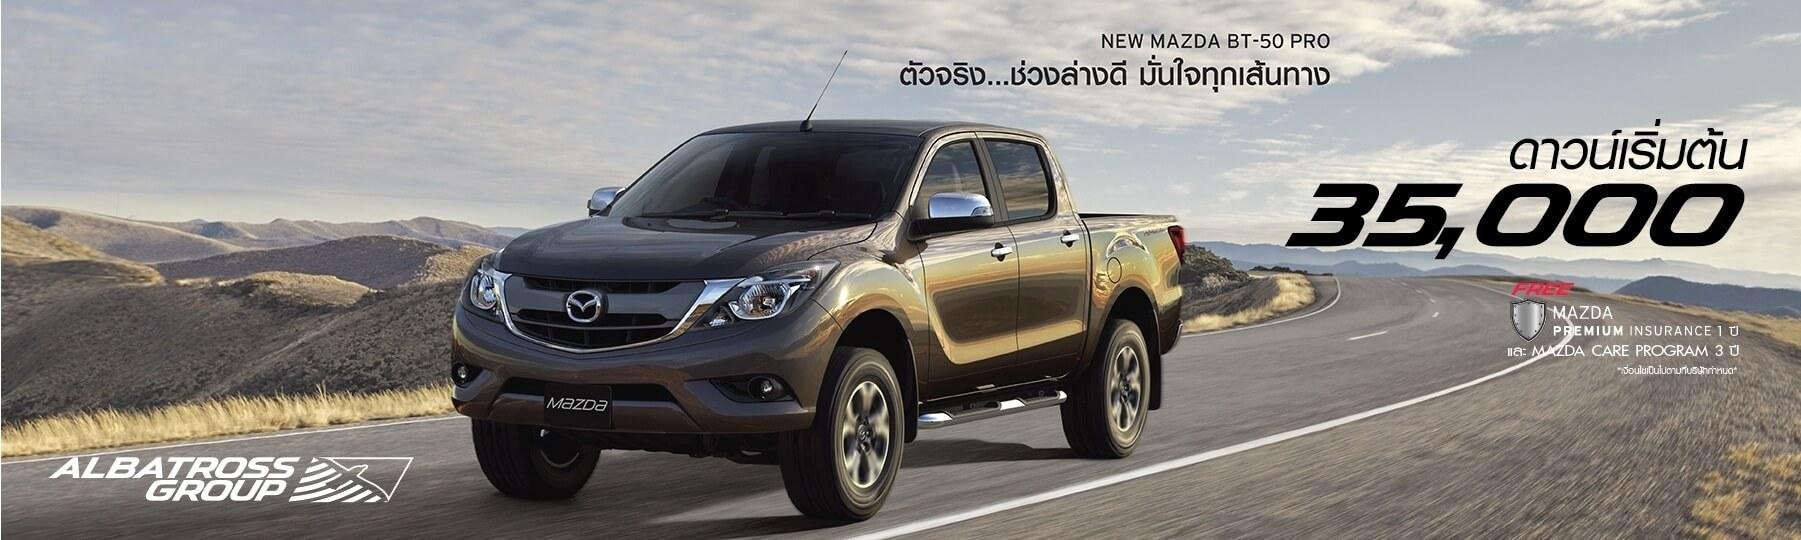 New Mazda BT-50 PRO